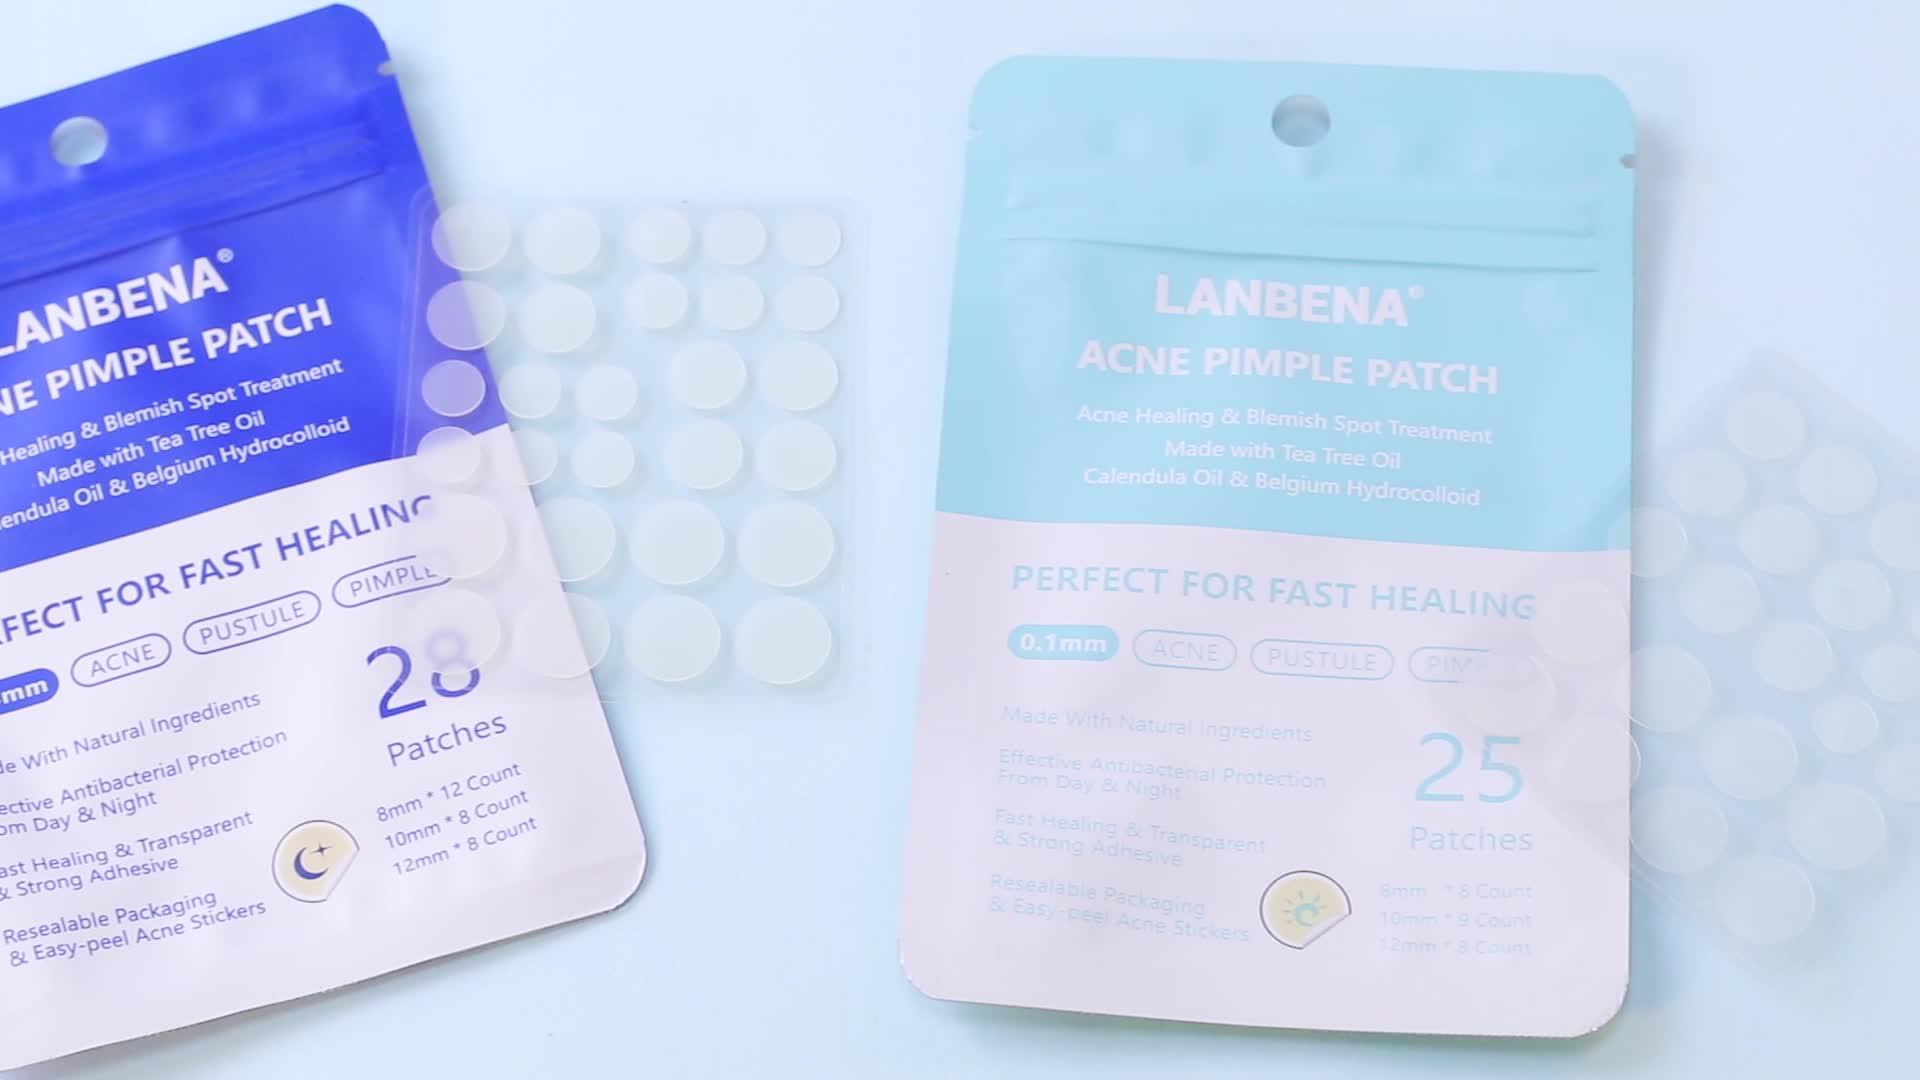 Hidrocolóide BREYLEE 2019 Nova Cuidados Com A Pele Tratamento de Remoção de Acne TeaTree Extrato Mestre Pimple Acne Gesso Patch